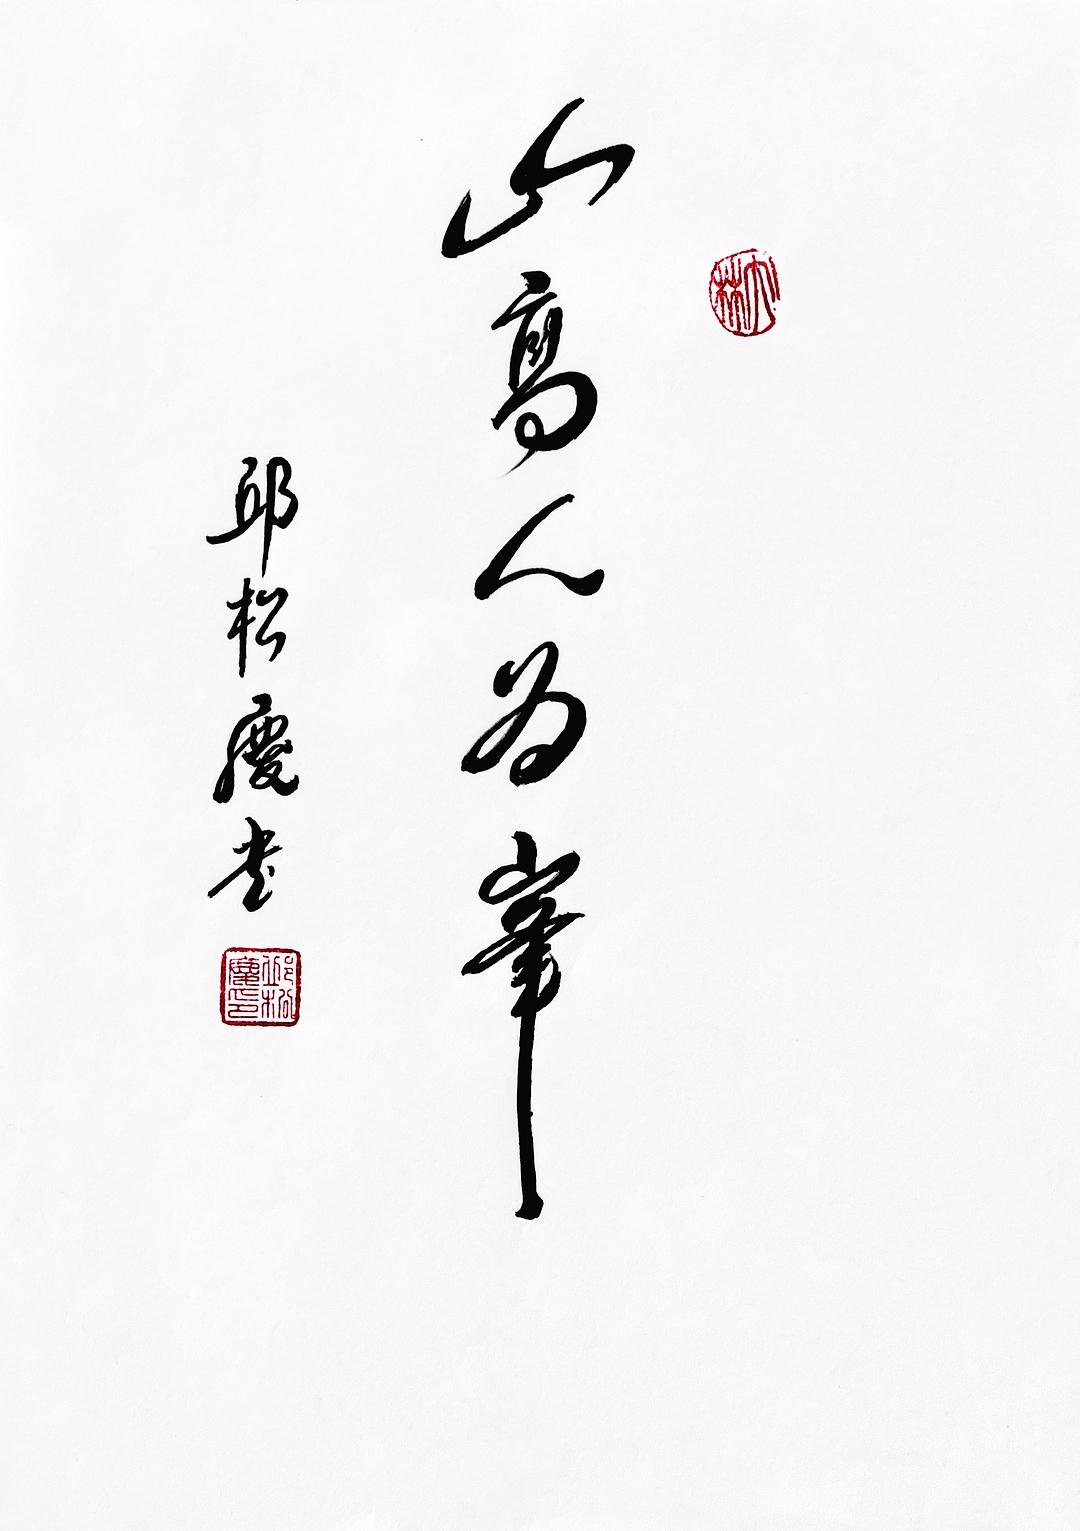 《山高人为峰》29.7x21cm 行书 纸本墨笔 2018年